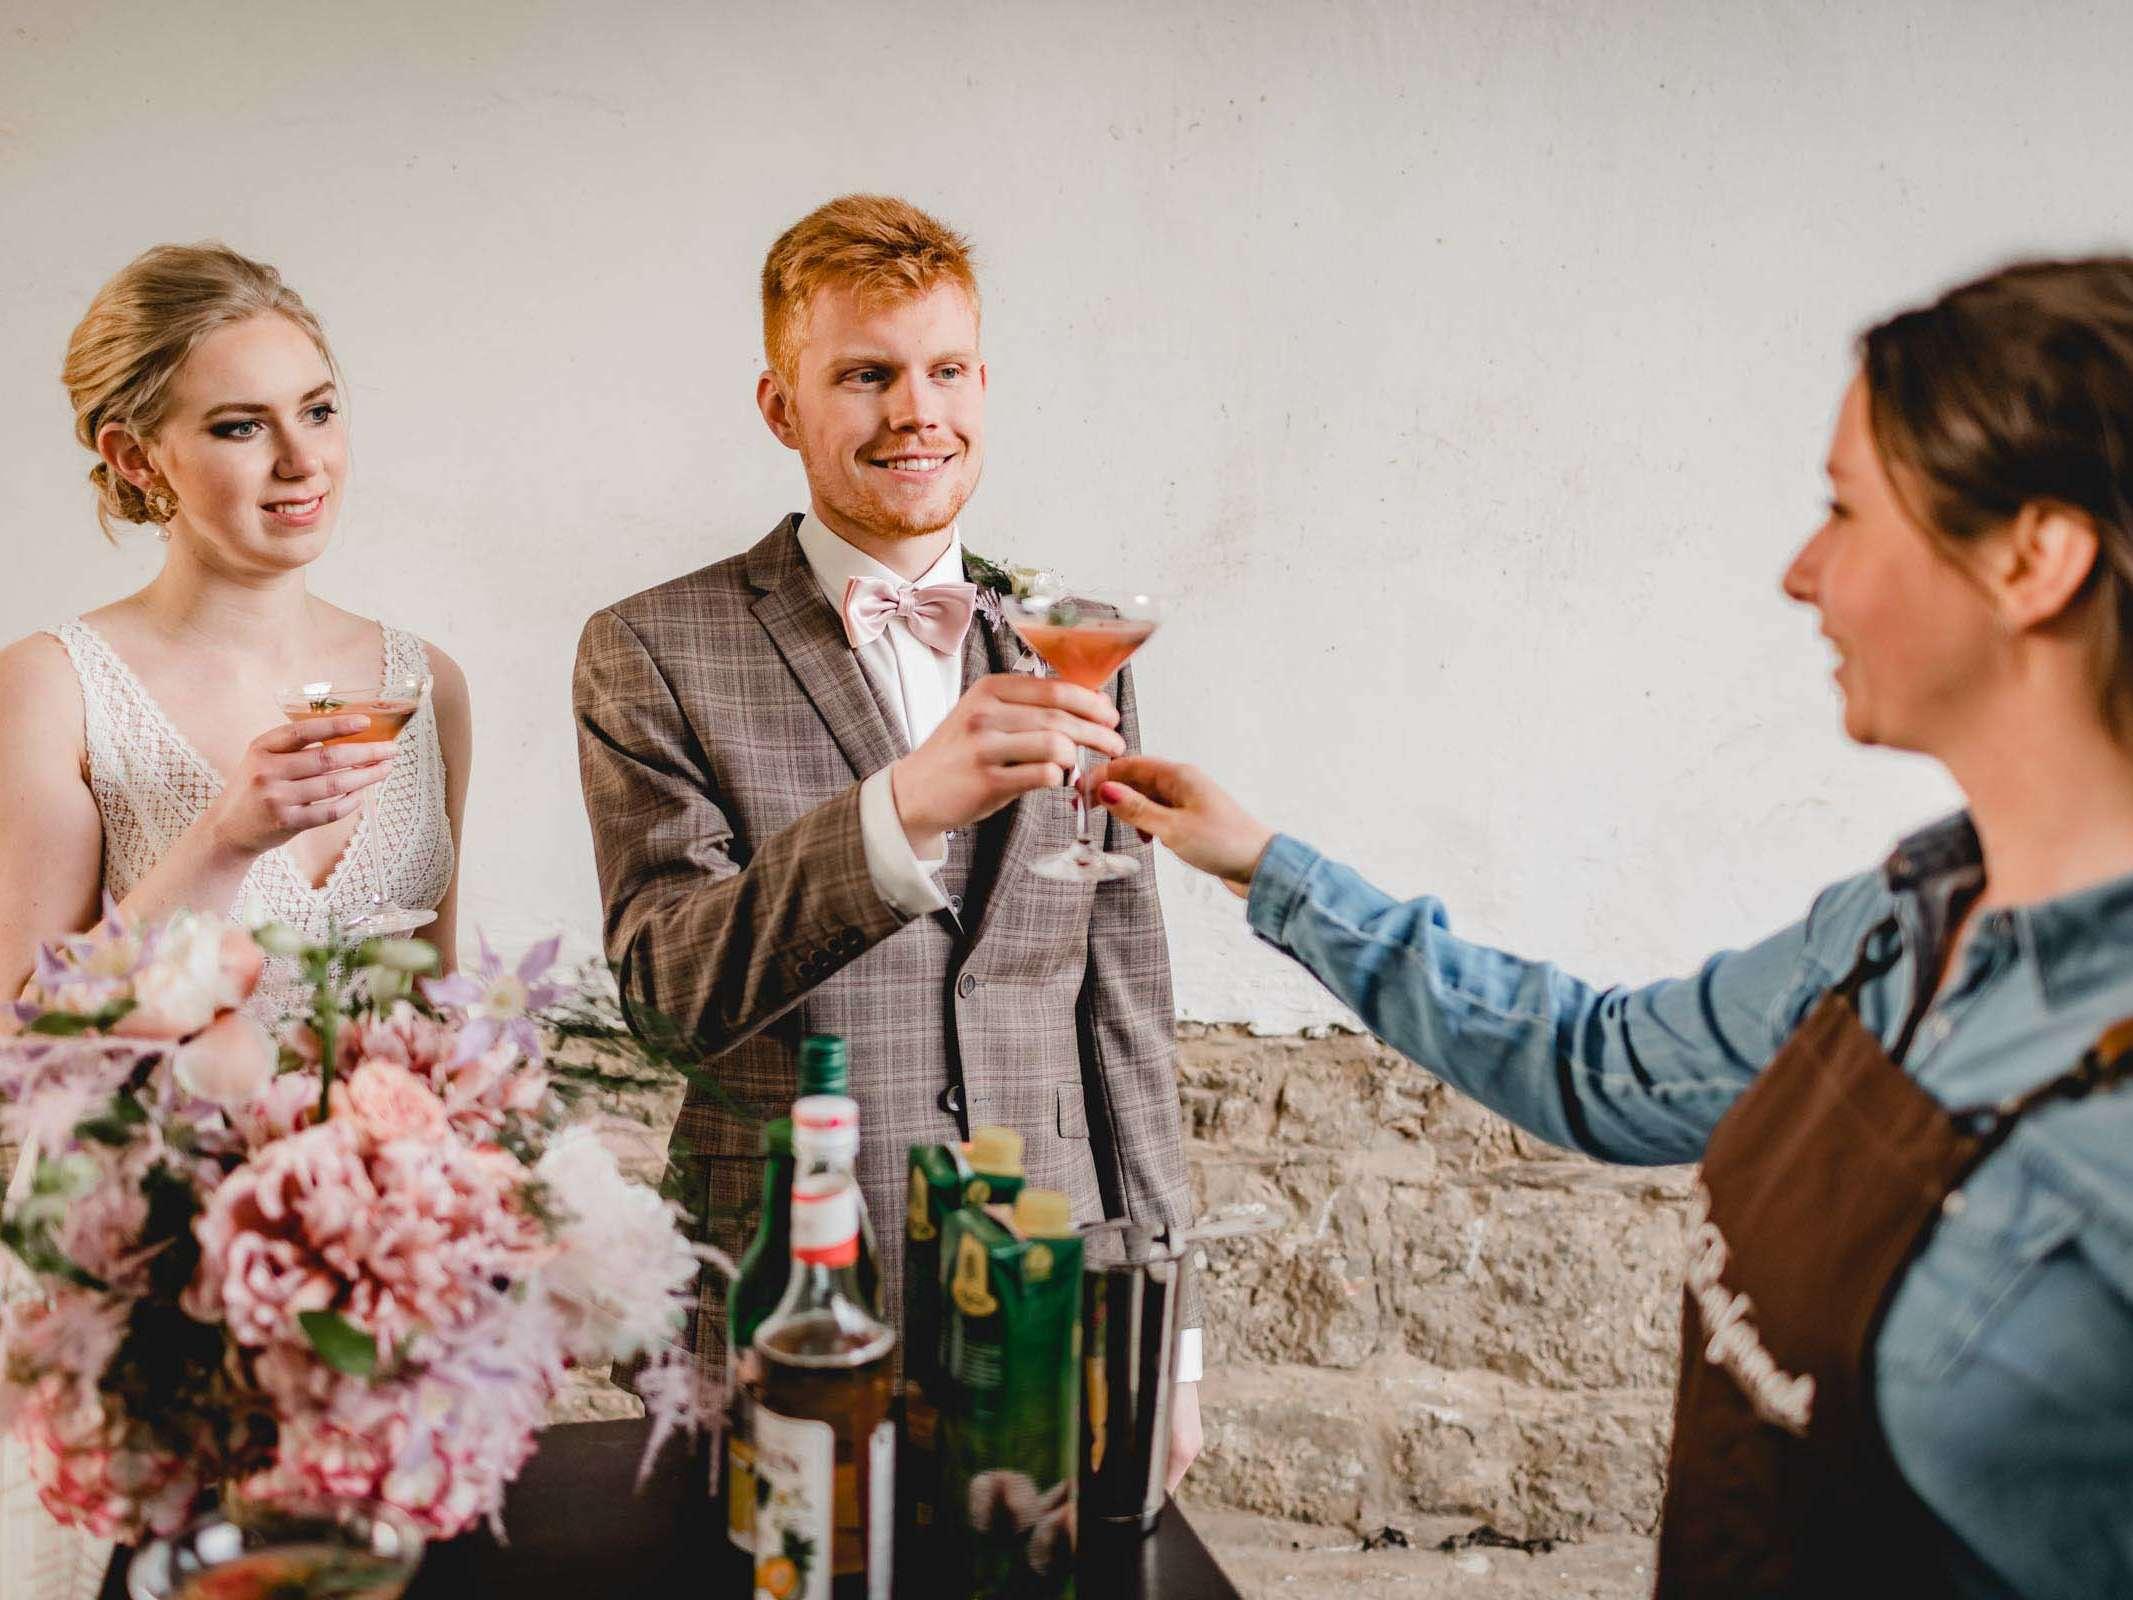 Lehmann | Eventservice | Mobile | Bar | Hannover | Hamburg | Bremen | Braunschweig | Cocktailbar | Sektempfang | Bulli | Bar | Hochzeit | Cocktailservice | Food | Truck | Barkeeper | Messen | Firmenfeiern | Catering | Ape | VW